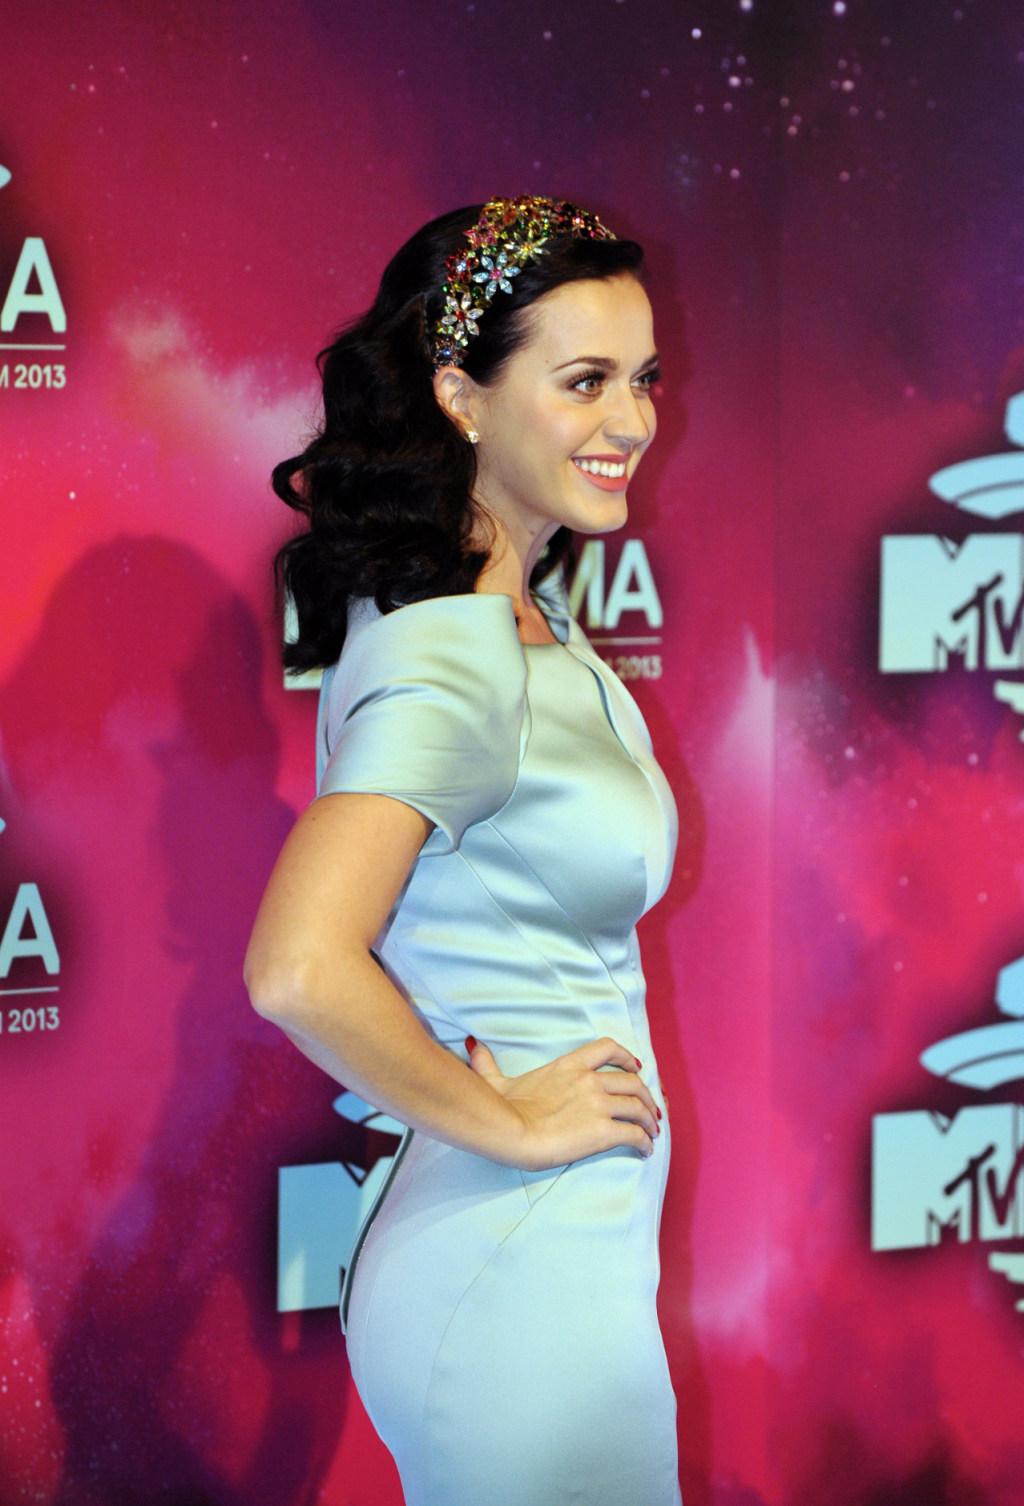 er Katy Perry dating 2013 matchmaking profesjonelle London